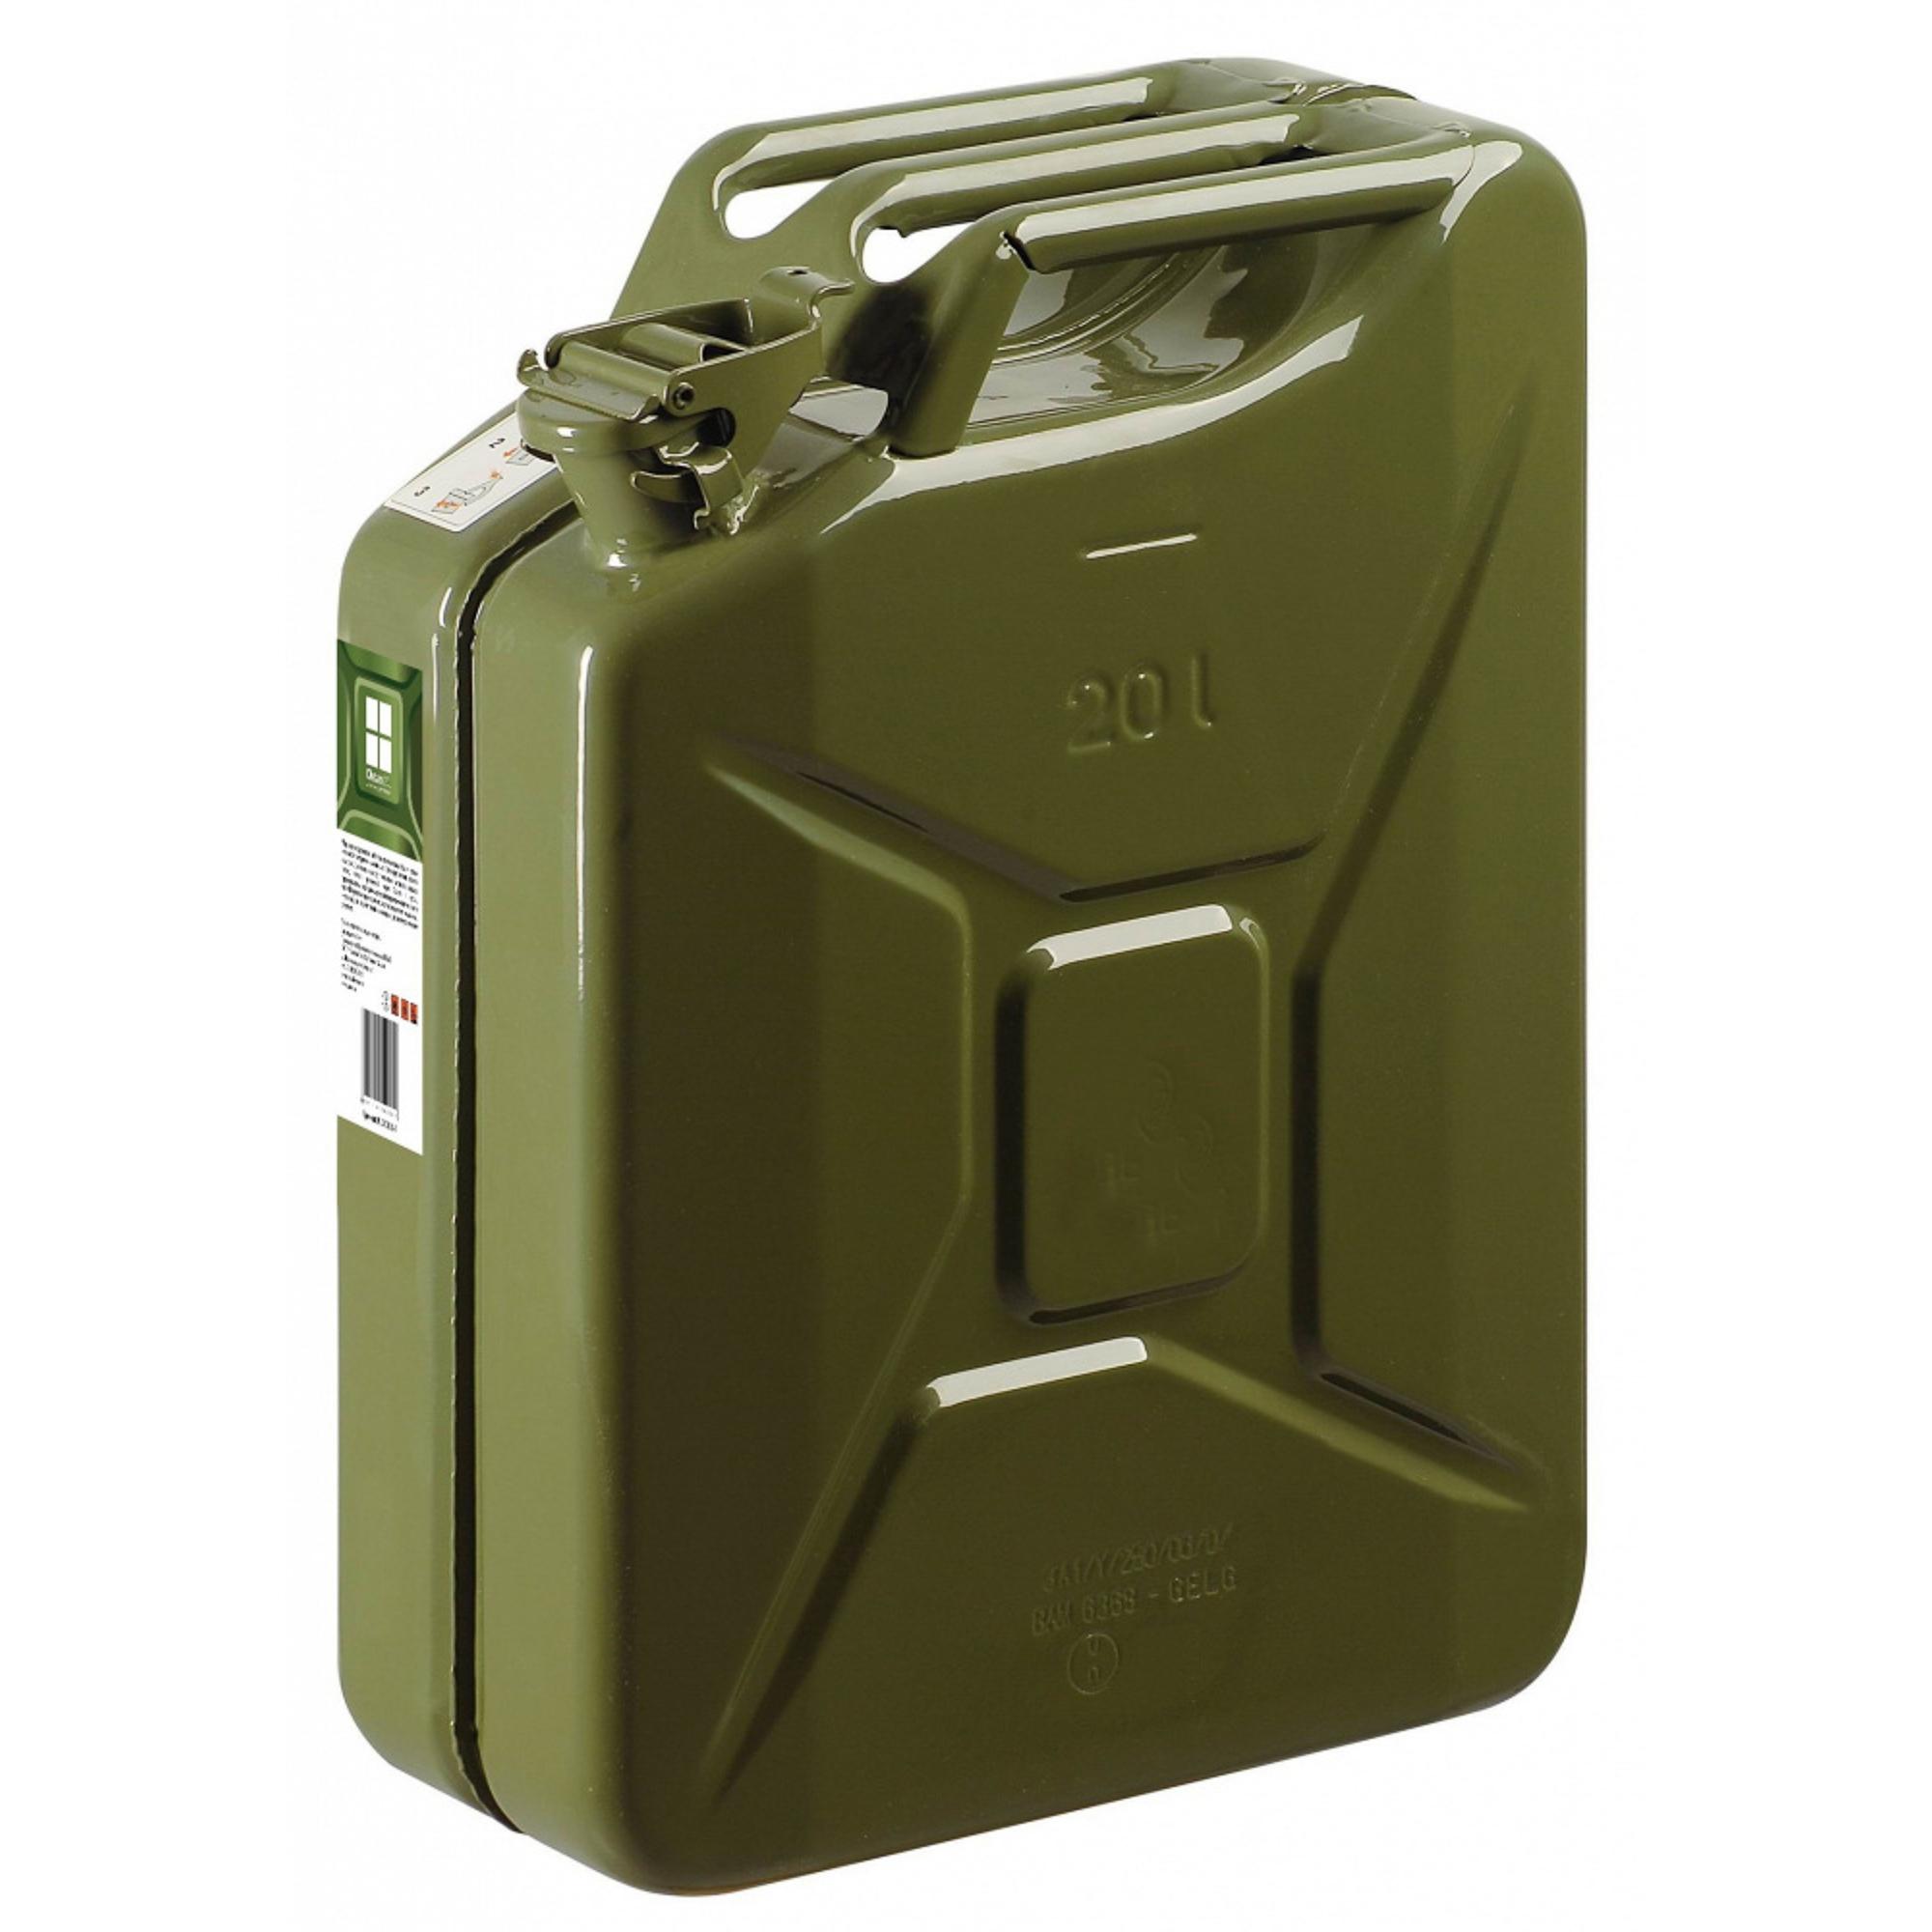 Канистра металлическая гсм grn 20л Oktan металл канистра пластиковая oktan profi для гсм 20 л